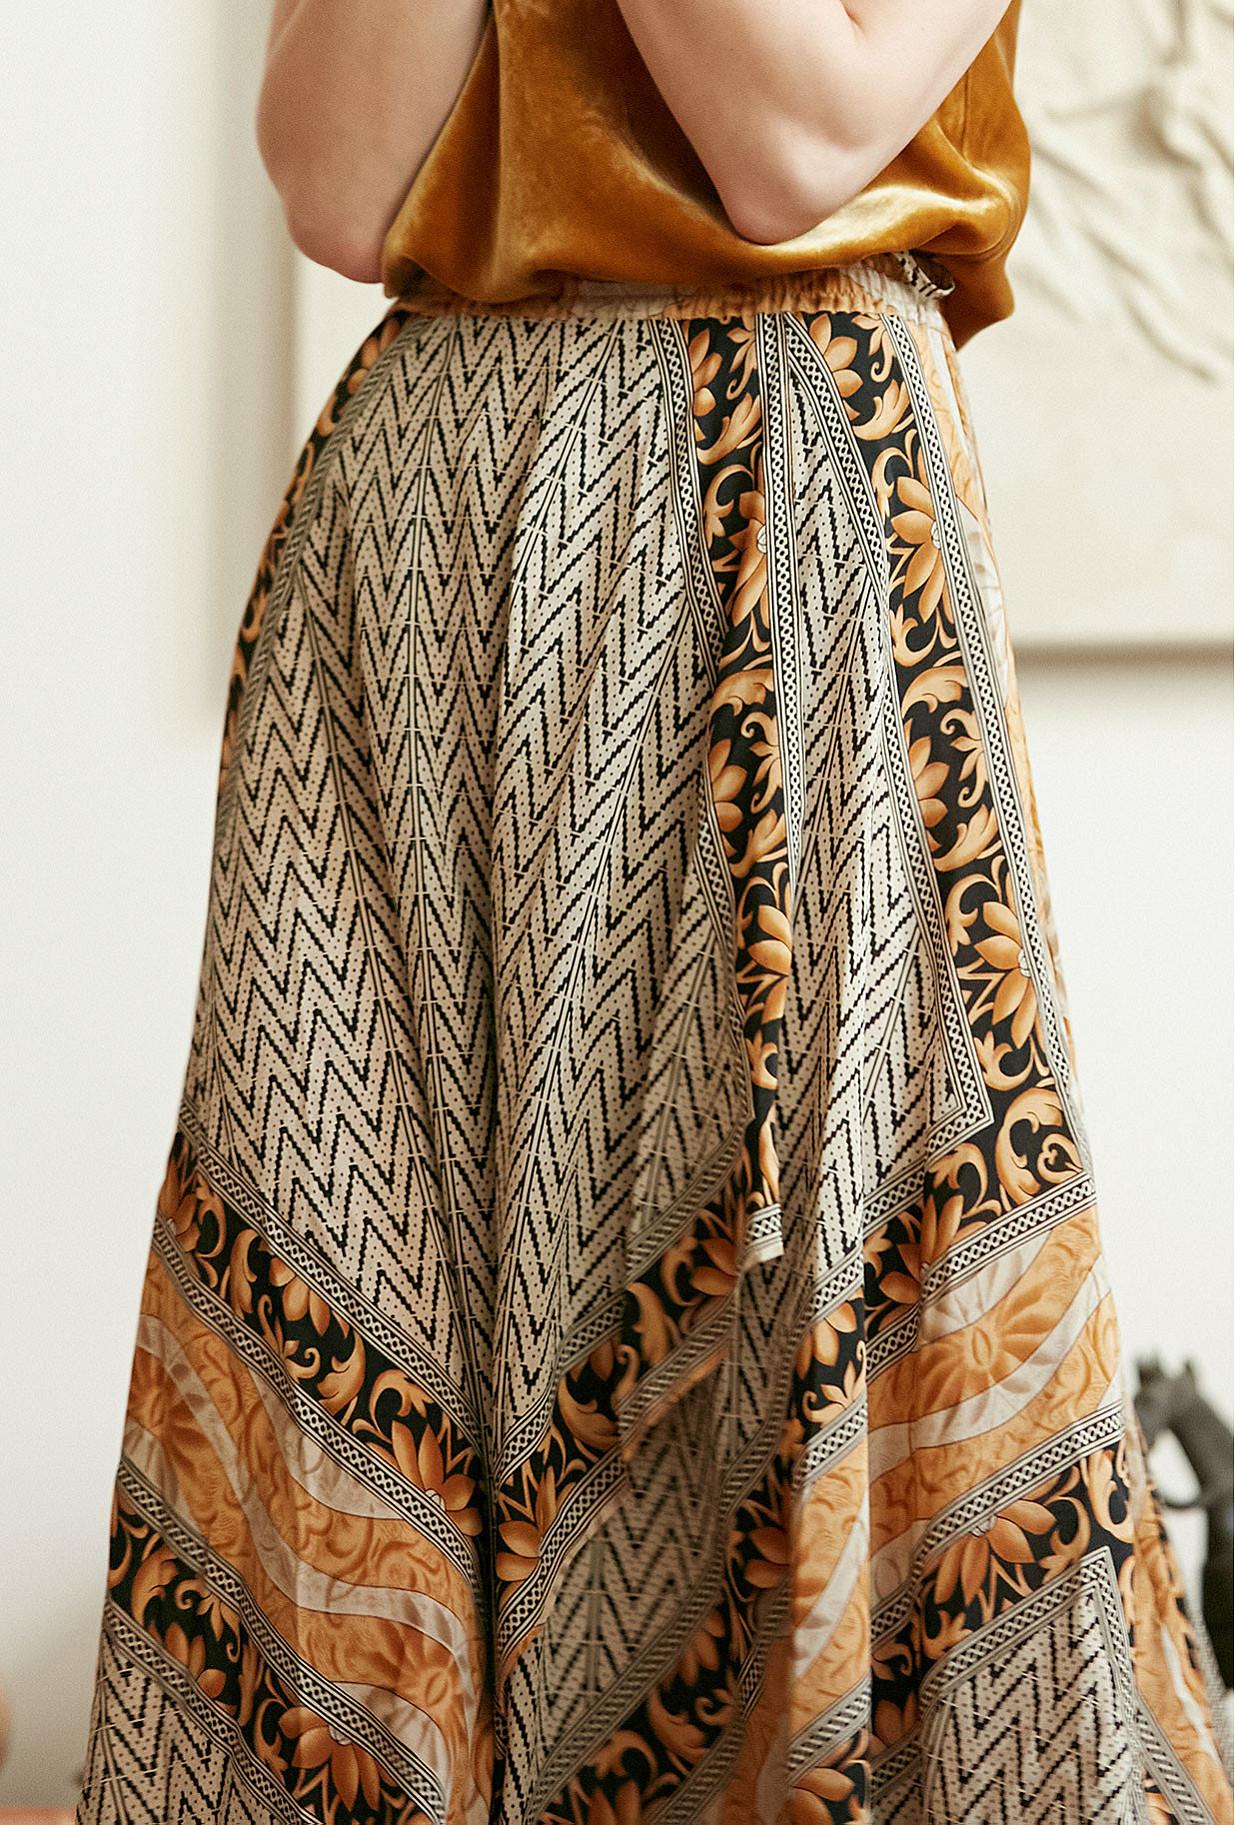 Gold print  Skirt  Shorebreak Mes demoiselles fashion clothes designer Paris